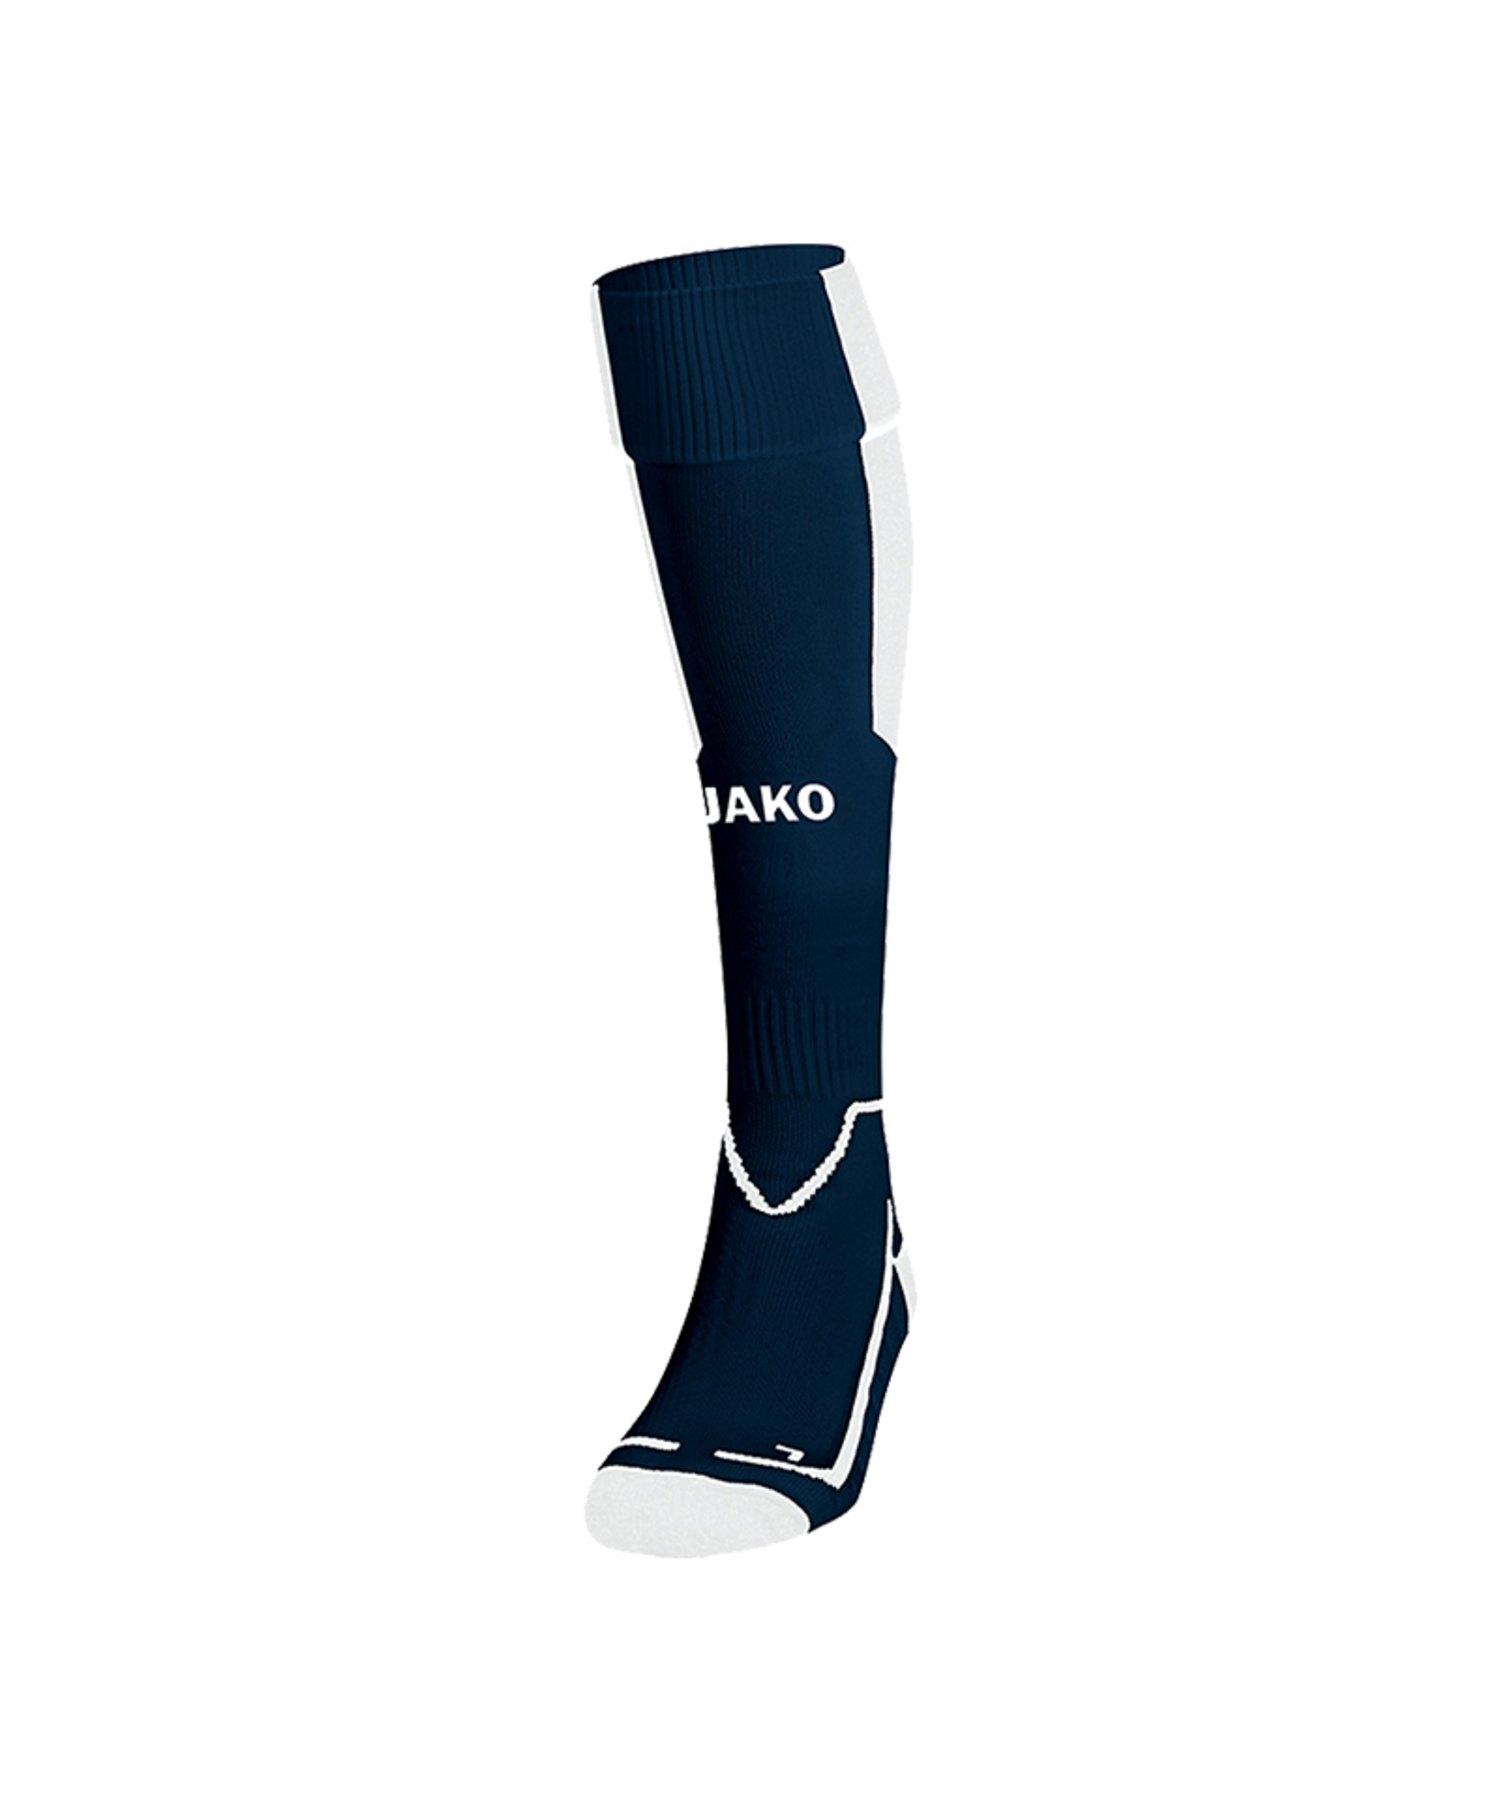 Jako Lazio Stutzenstrumpf Blau Weiss F49 - Blau